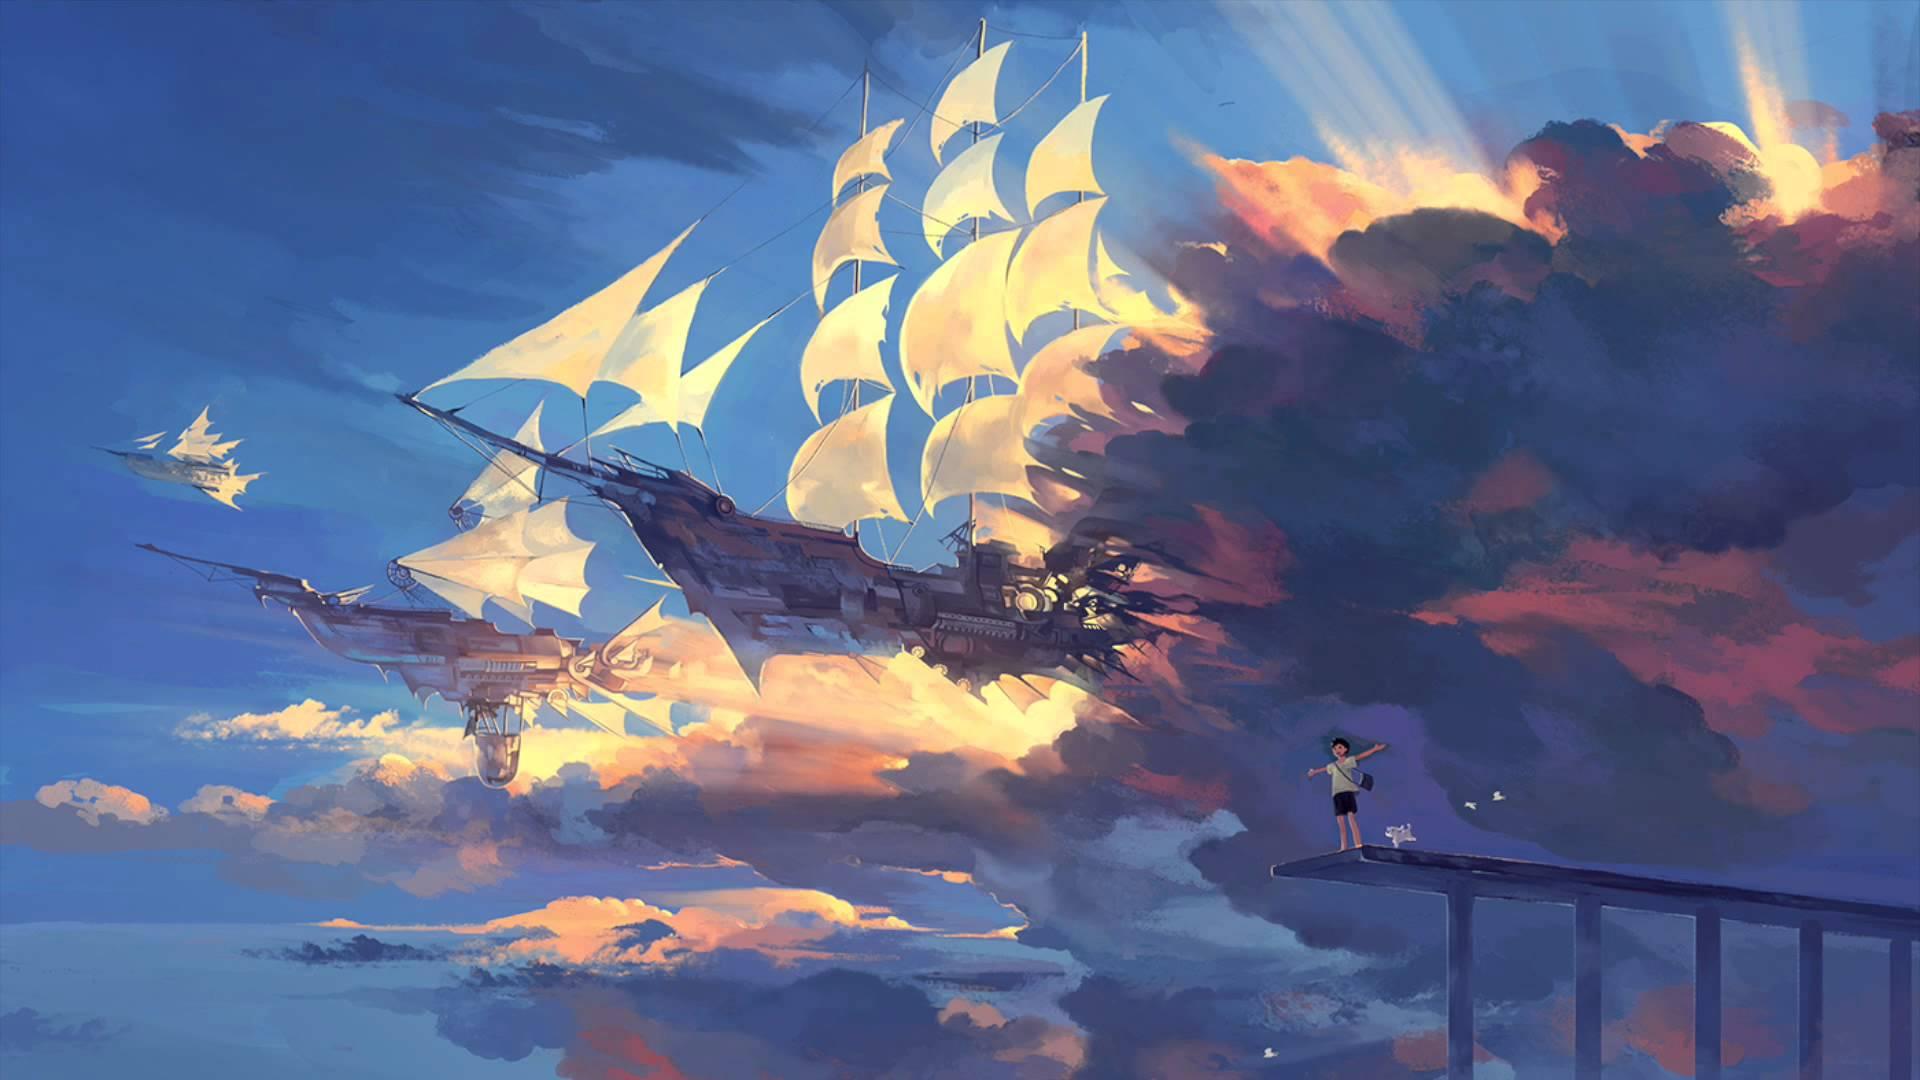 treasure-planet-wallpaper-12.jpg